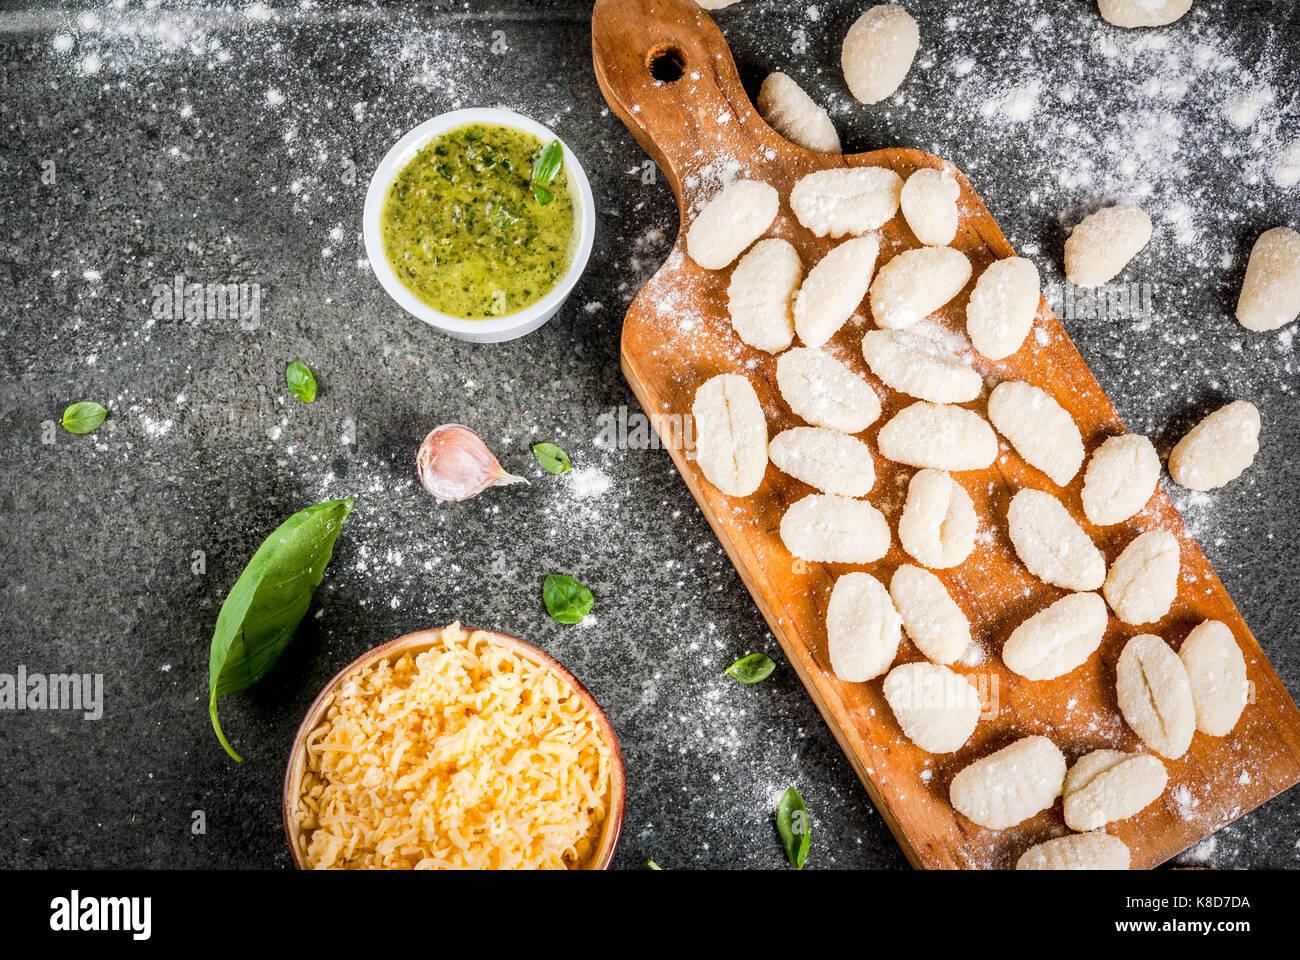 Raw casero sin cocer los ñoquis de patata con harina, queso parmesano rallado, la albahaca y la salsa pesto. Imagen De Stock